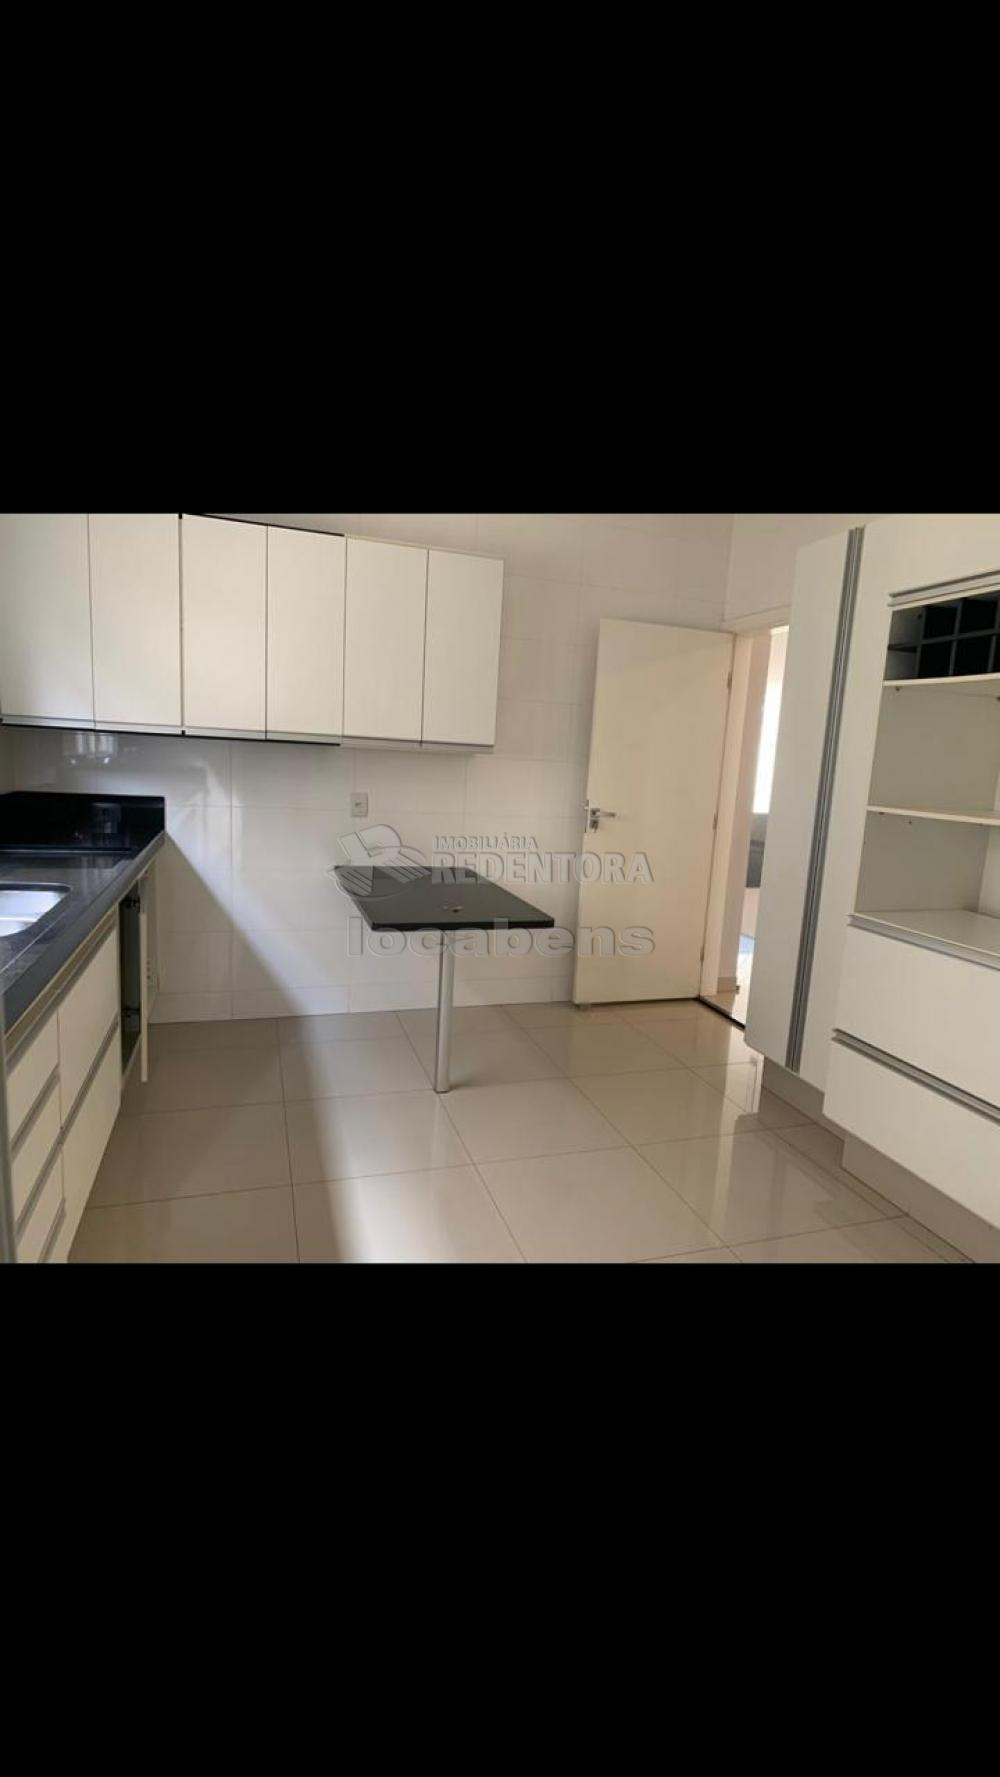 Alugar Casa / Condomínio em São José do Rio Preto apenas R$ 4.000,00 - Foto 4